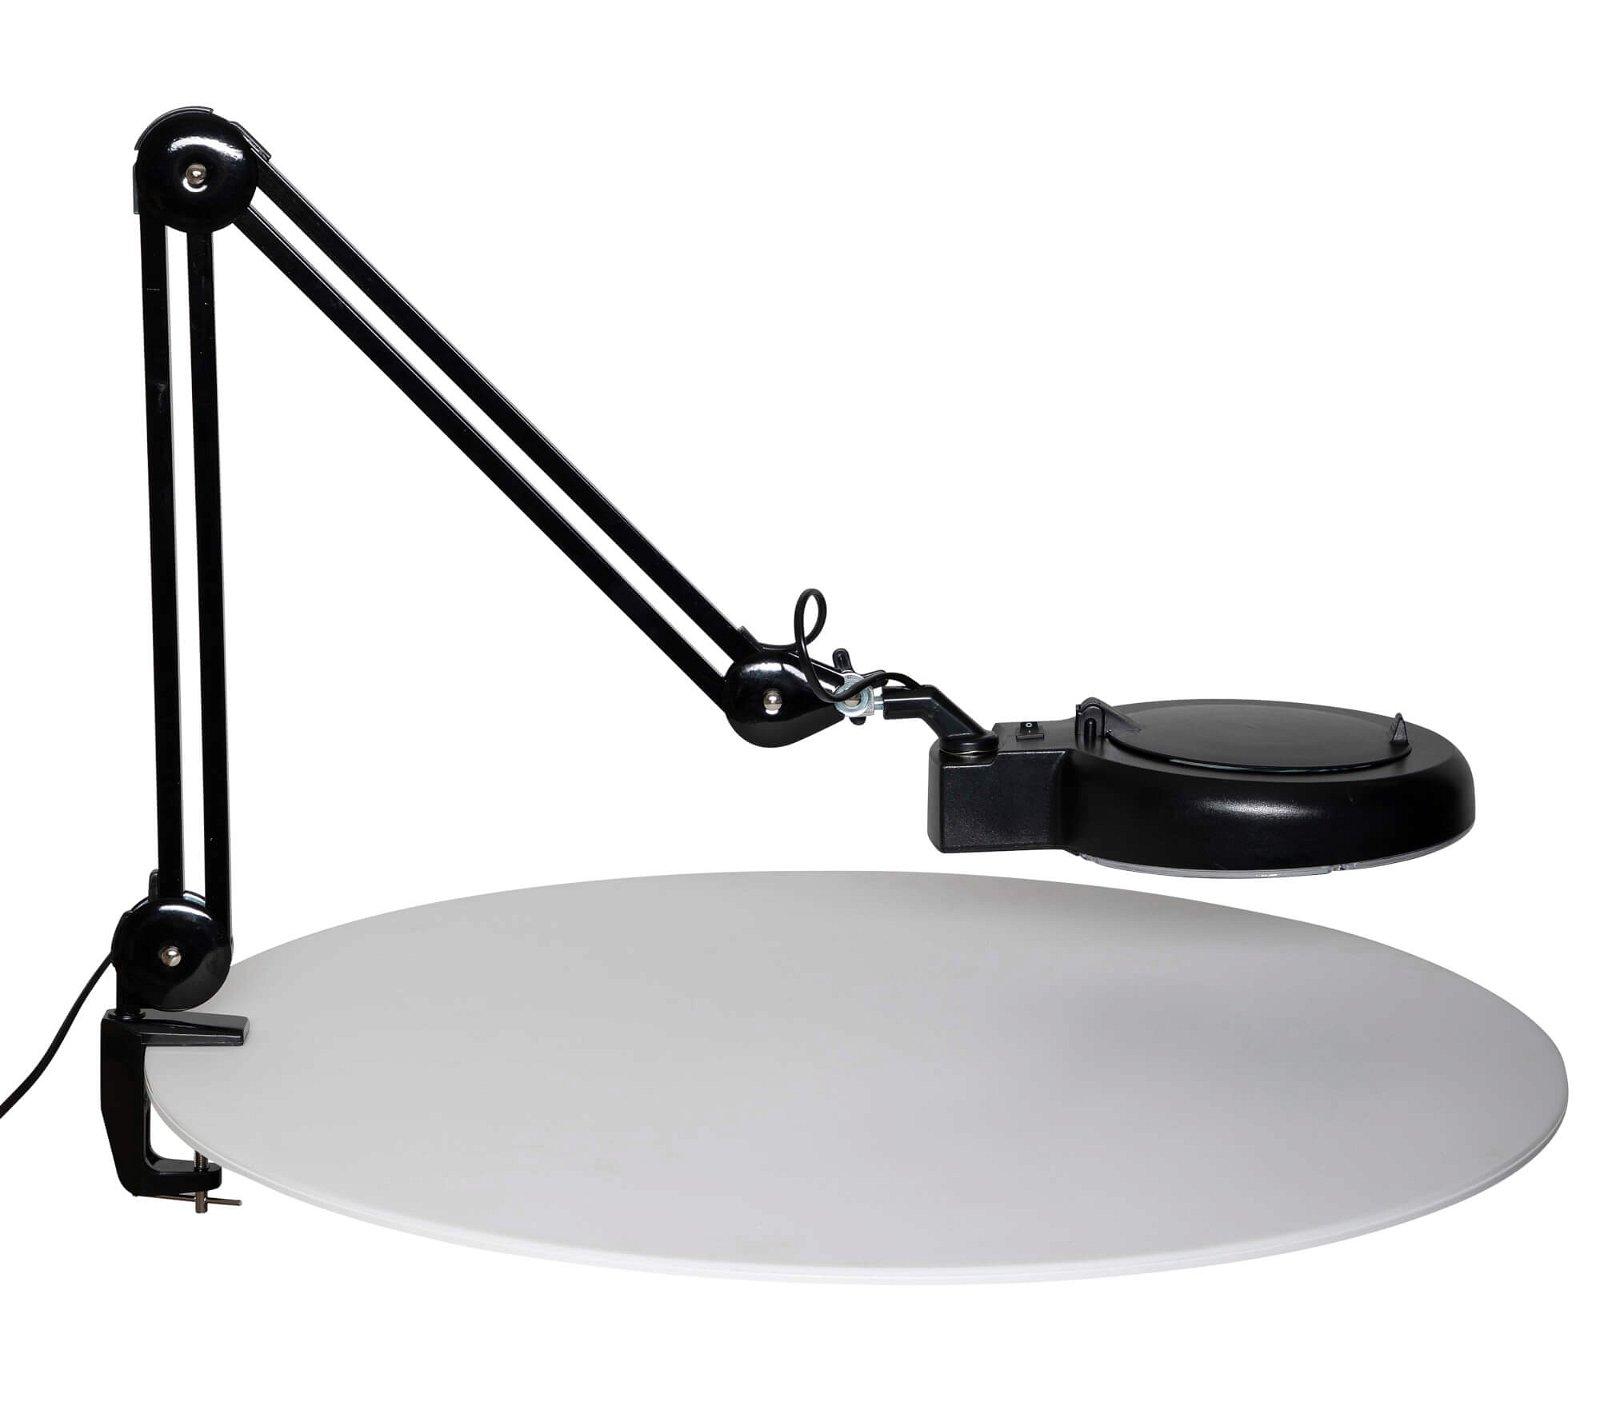 Energiespar-Lupenleuchte MAULviso, mit Klemmfuß, schwarz